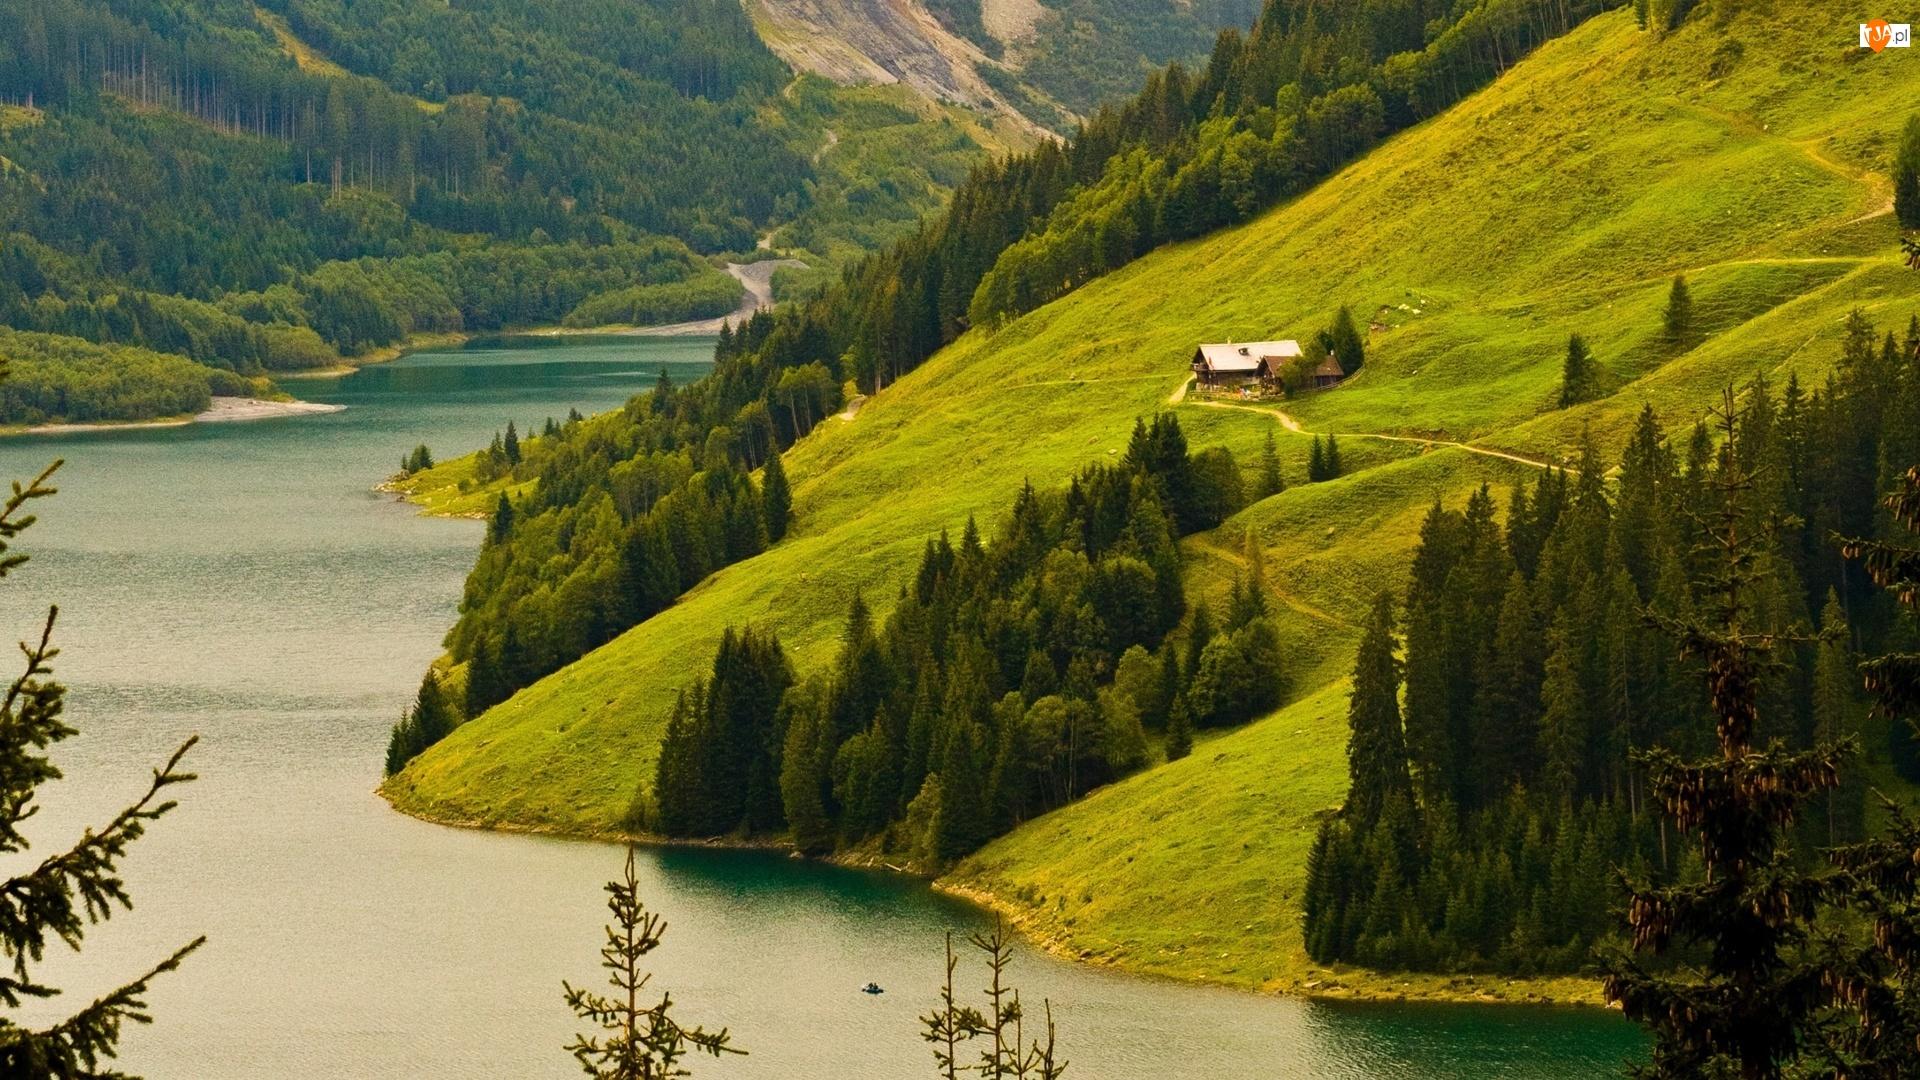 Domki, Rzeka, Zbocze, Drzewa, Góry